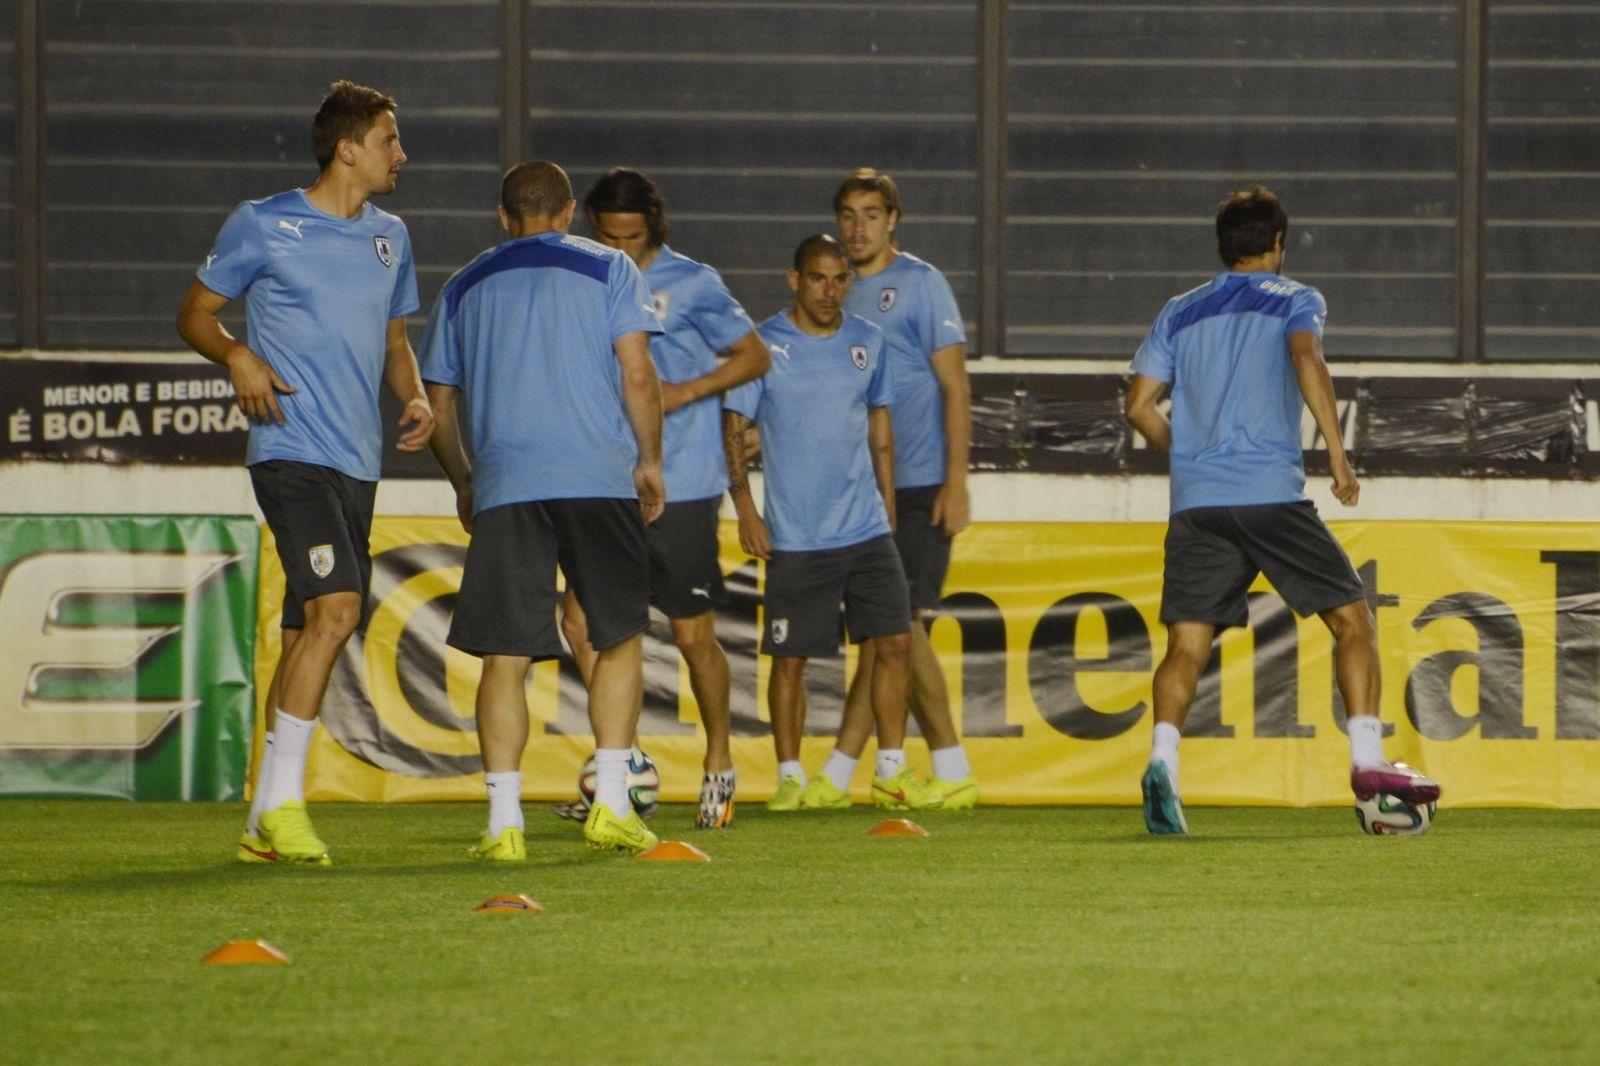 a2656793badb8 Uruguai e Colômbia treinaram em São Januário antes de duelo pelas ...